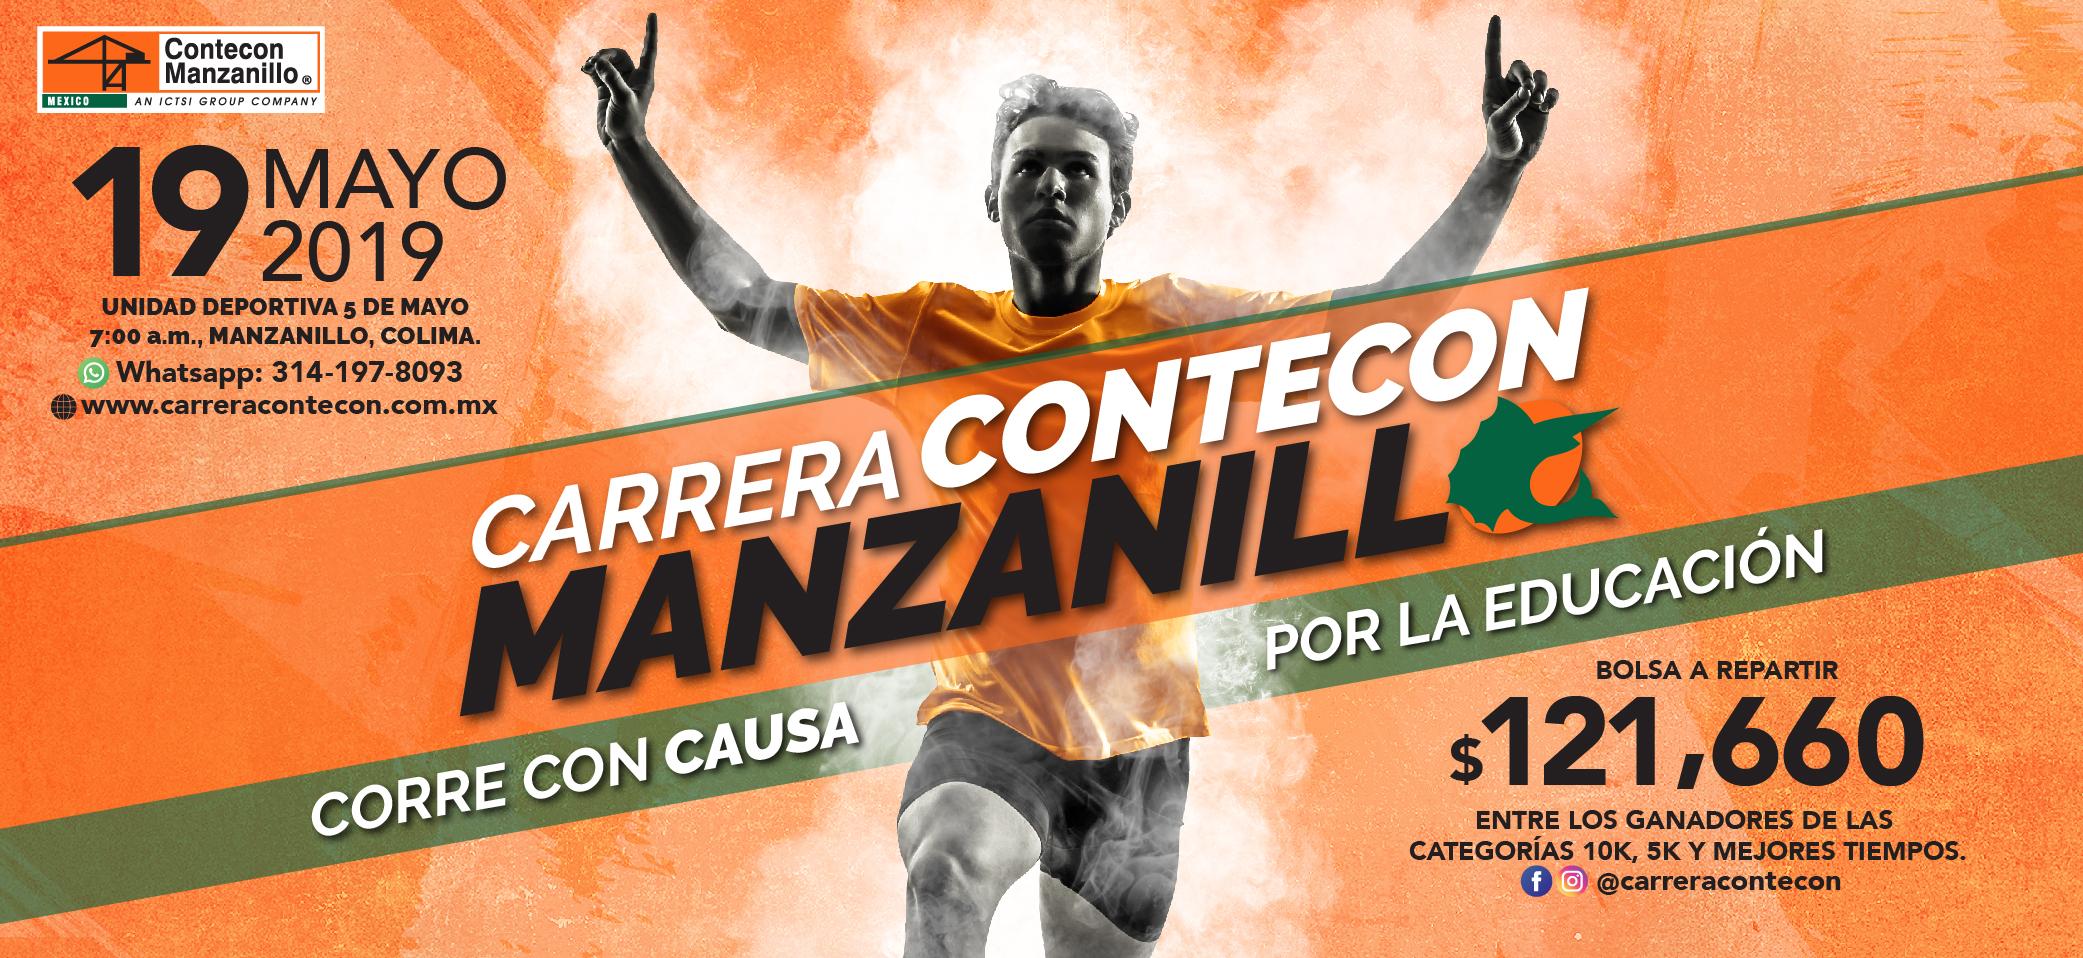 CARRERA CONTECON 2019